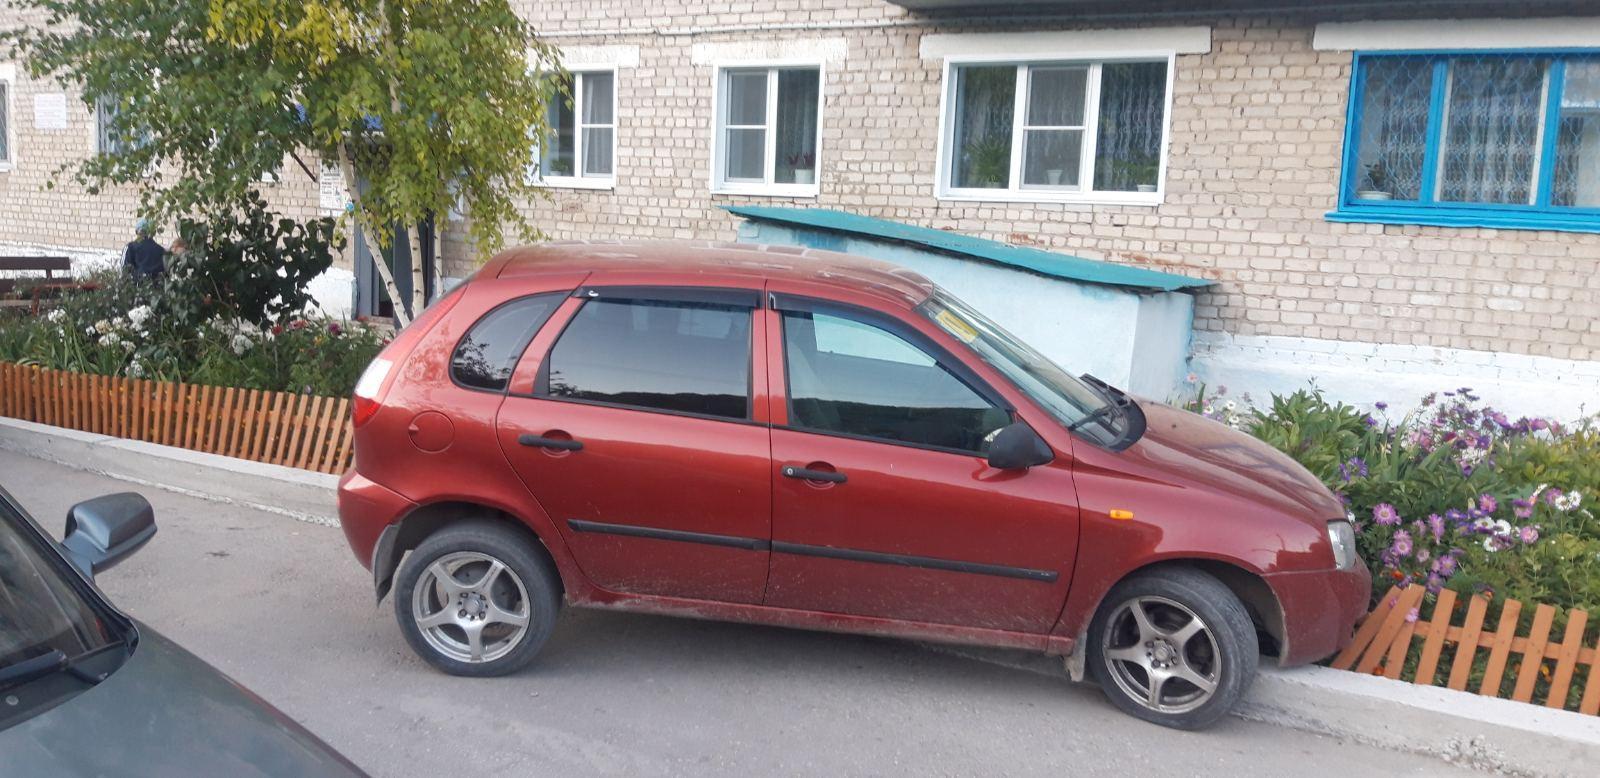 Под Тольятти женщина сбила мужчину, который помог ей выехать с парковки